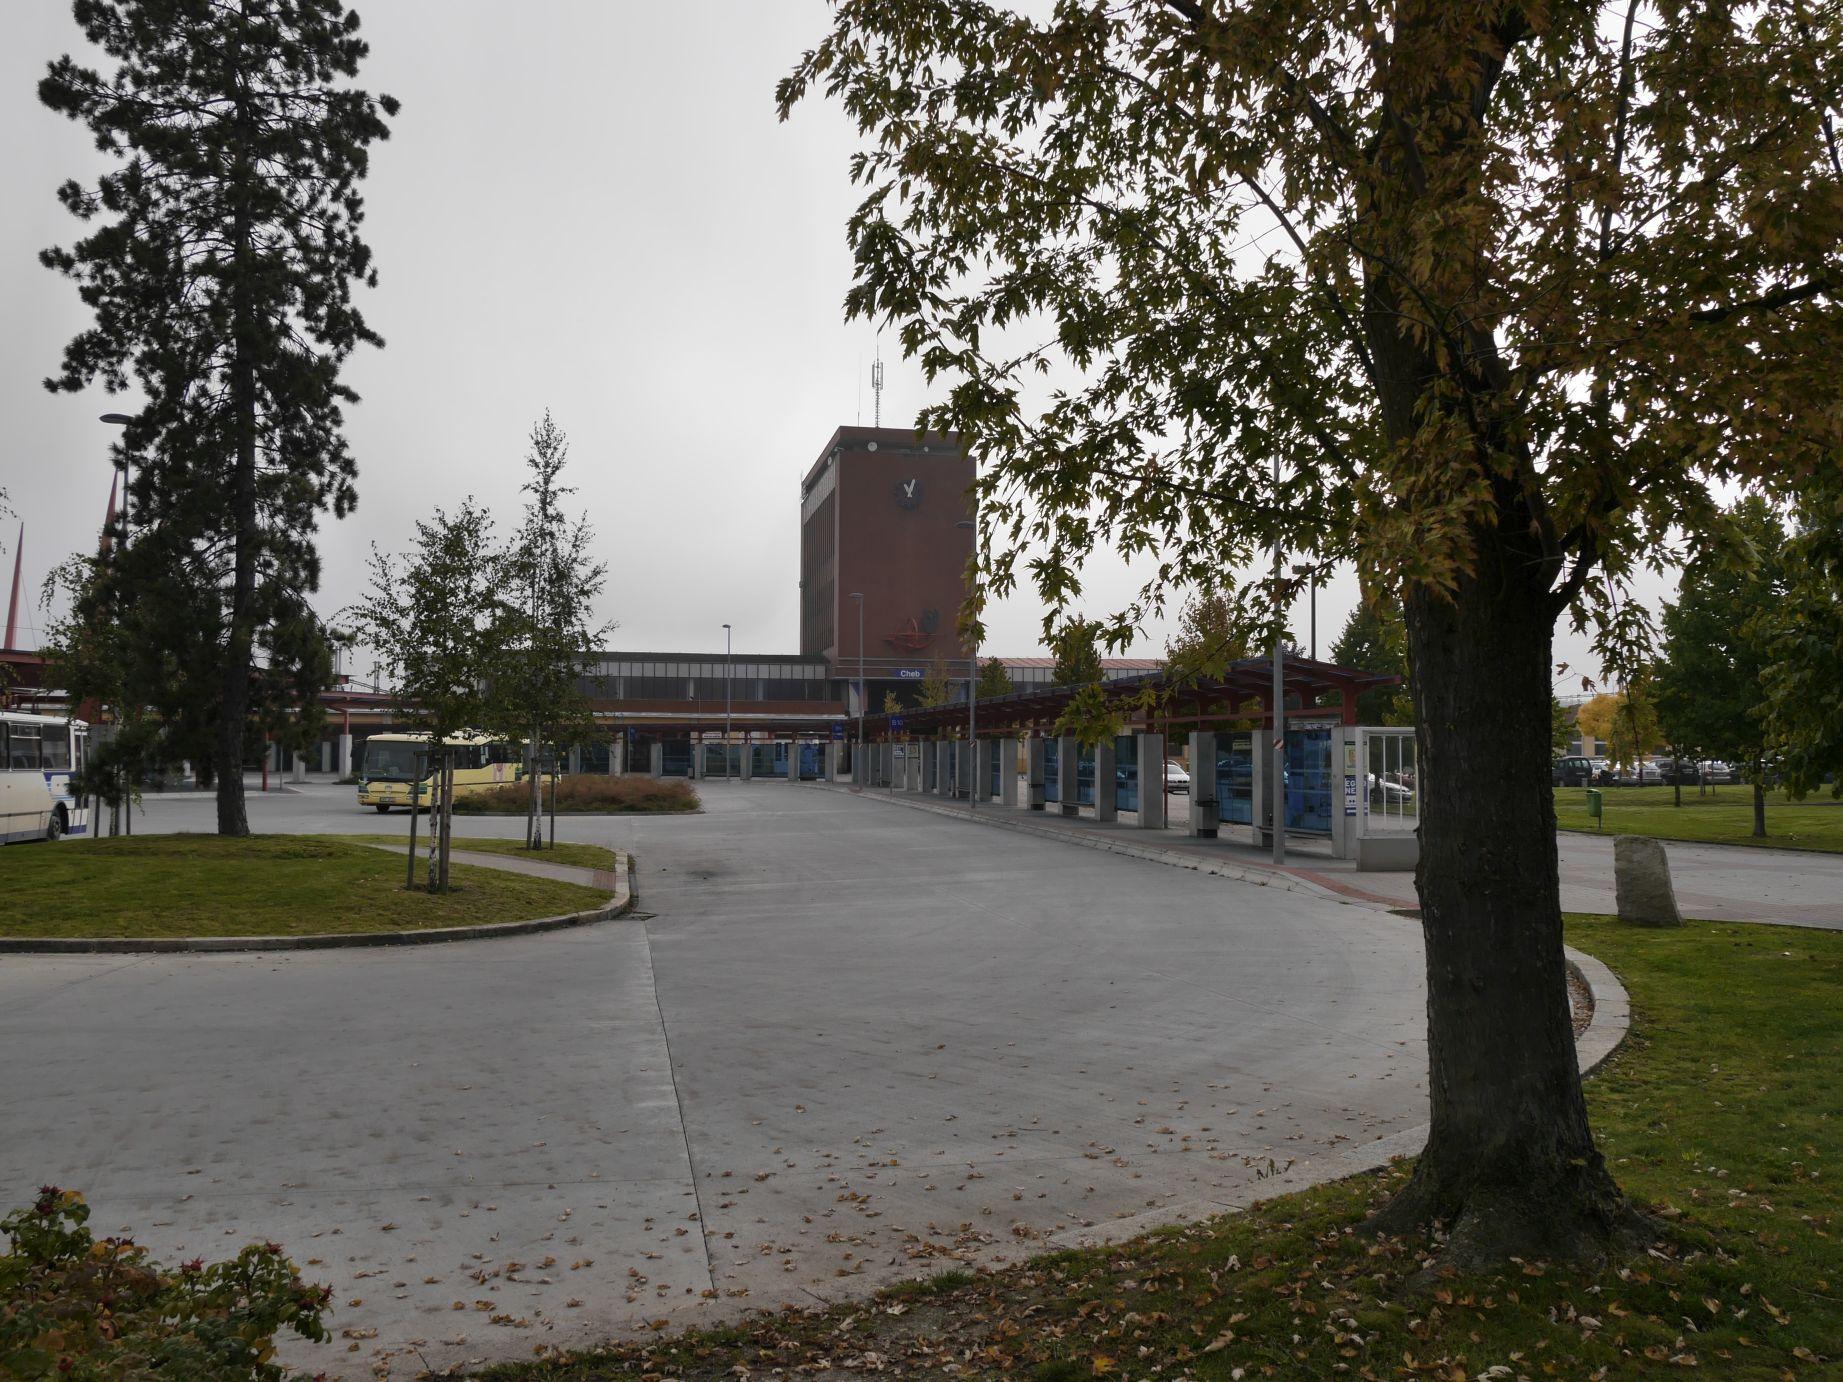 Der Radweg führt direkt am Bahnhof in Eger vorbei, mithin ist die Bahnanreise eine echte Option.